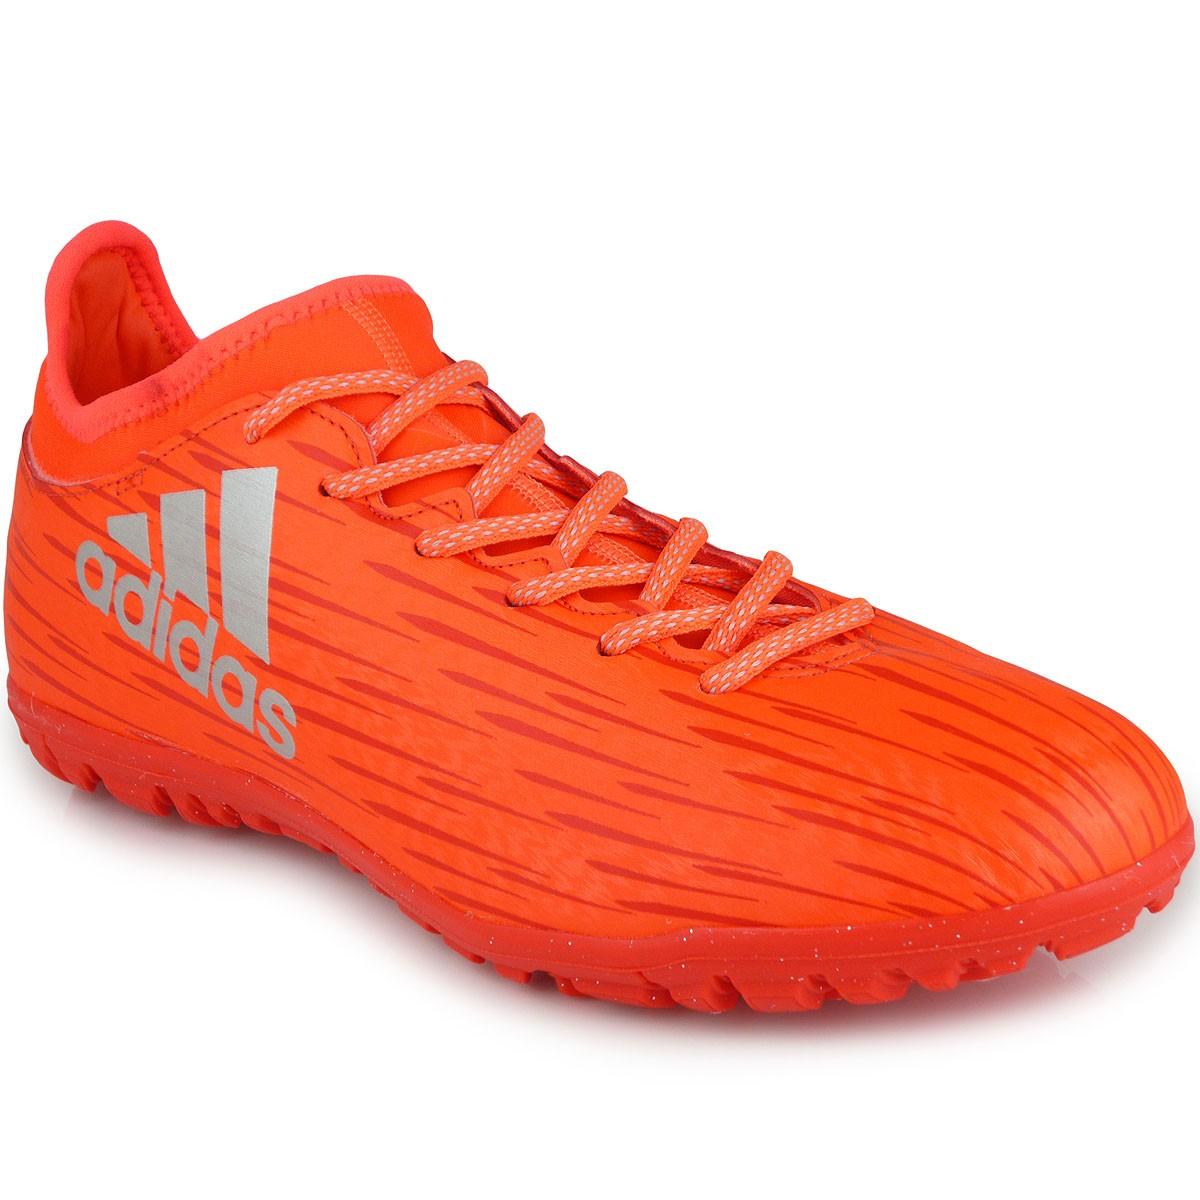 50b5ef109a430 Chuteira Adidas X 16.3 TF